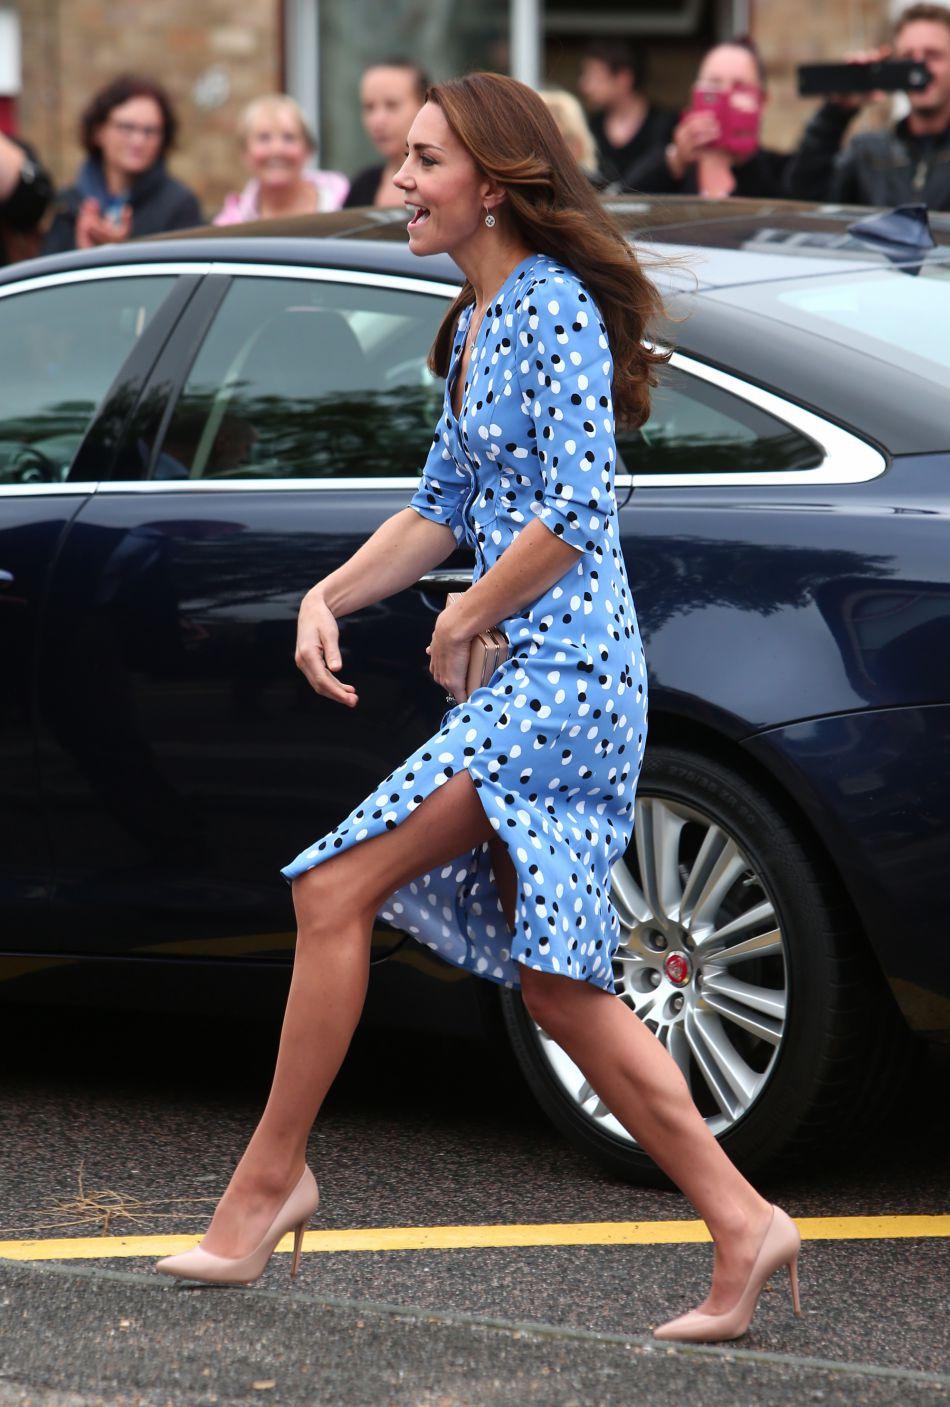 Le prince William, duc de Cambridge, et Kate Middleton, duchesse de Cambridge, visitent la Stewards Academy à Harlow, le 16 september 2016.